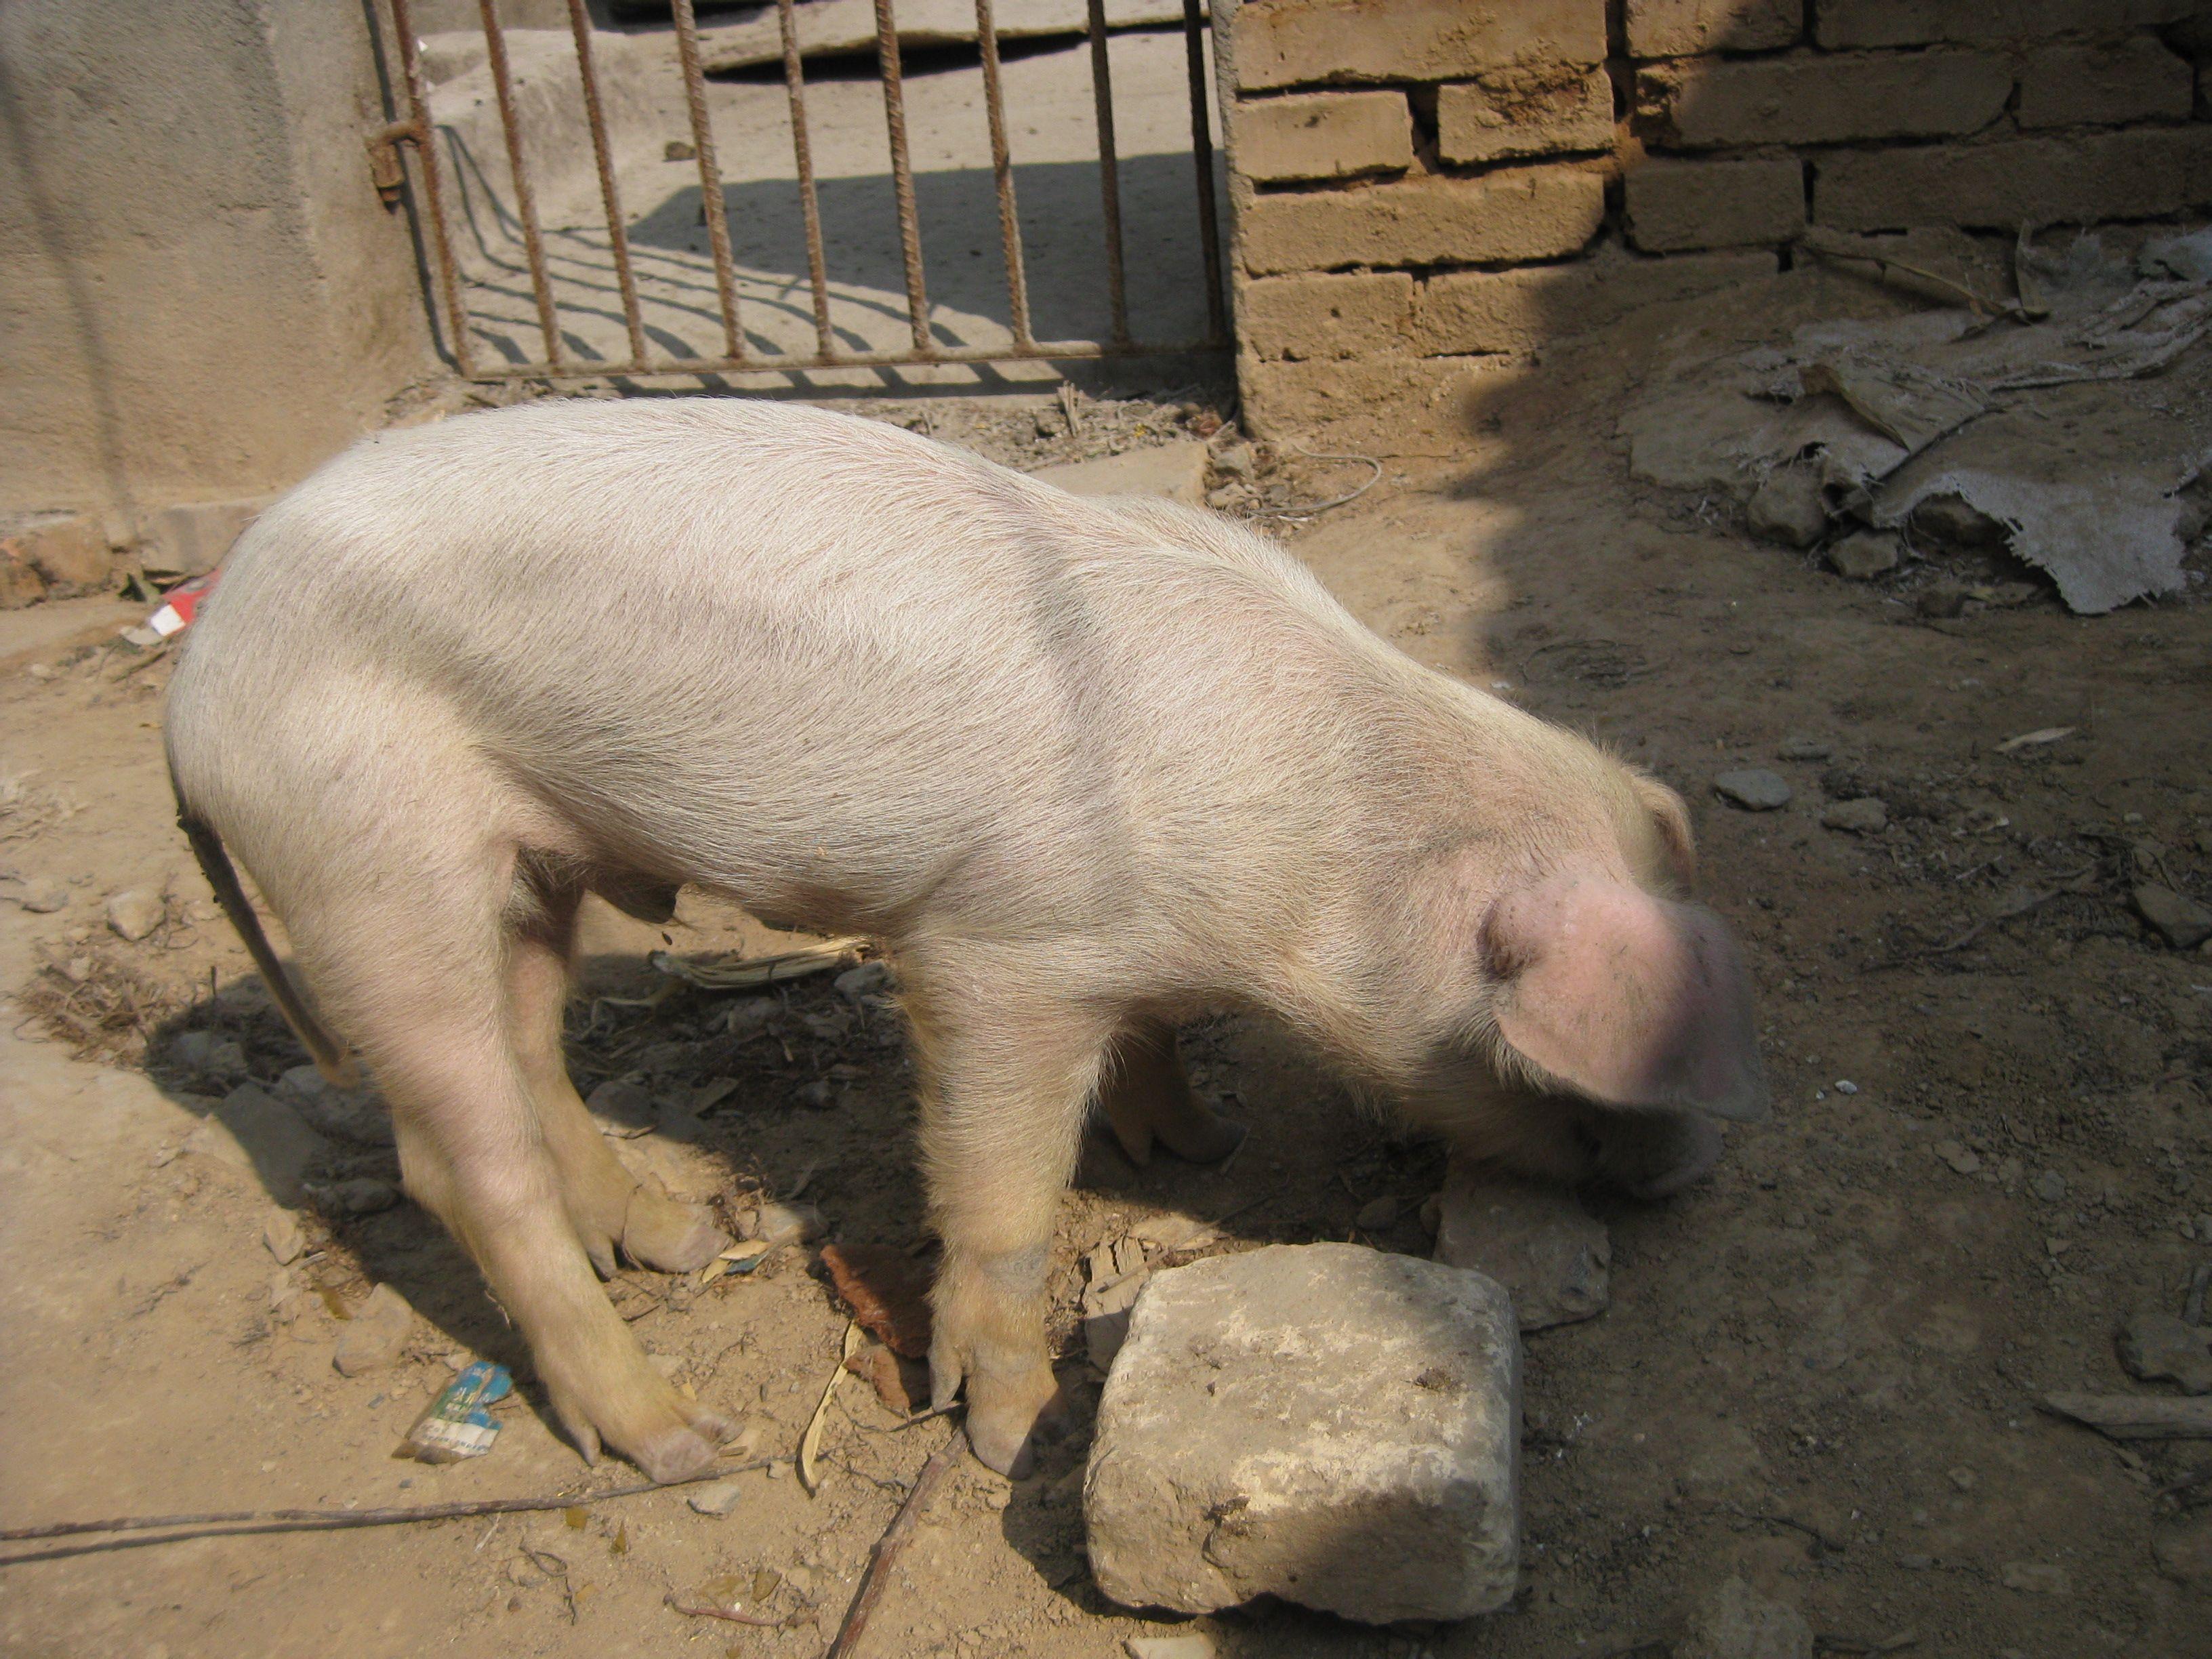 走路不稳.以下是病猪照片.那位达人知道请指点,谢谢图片